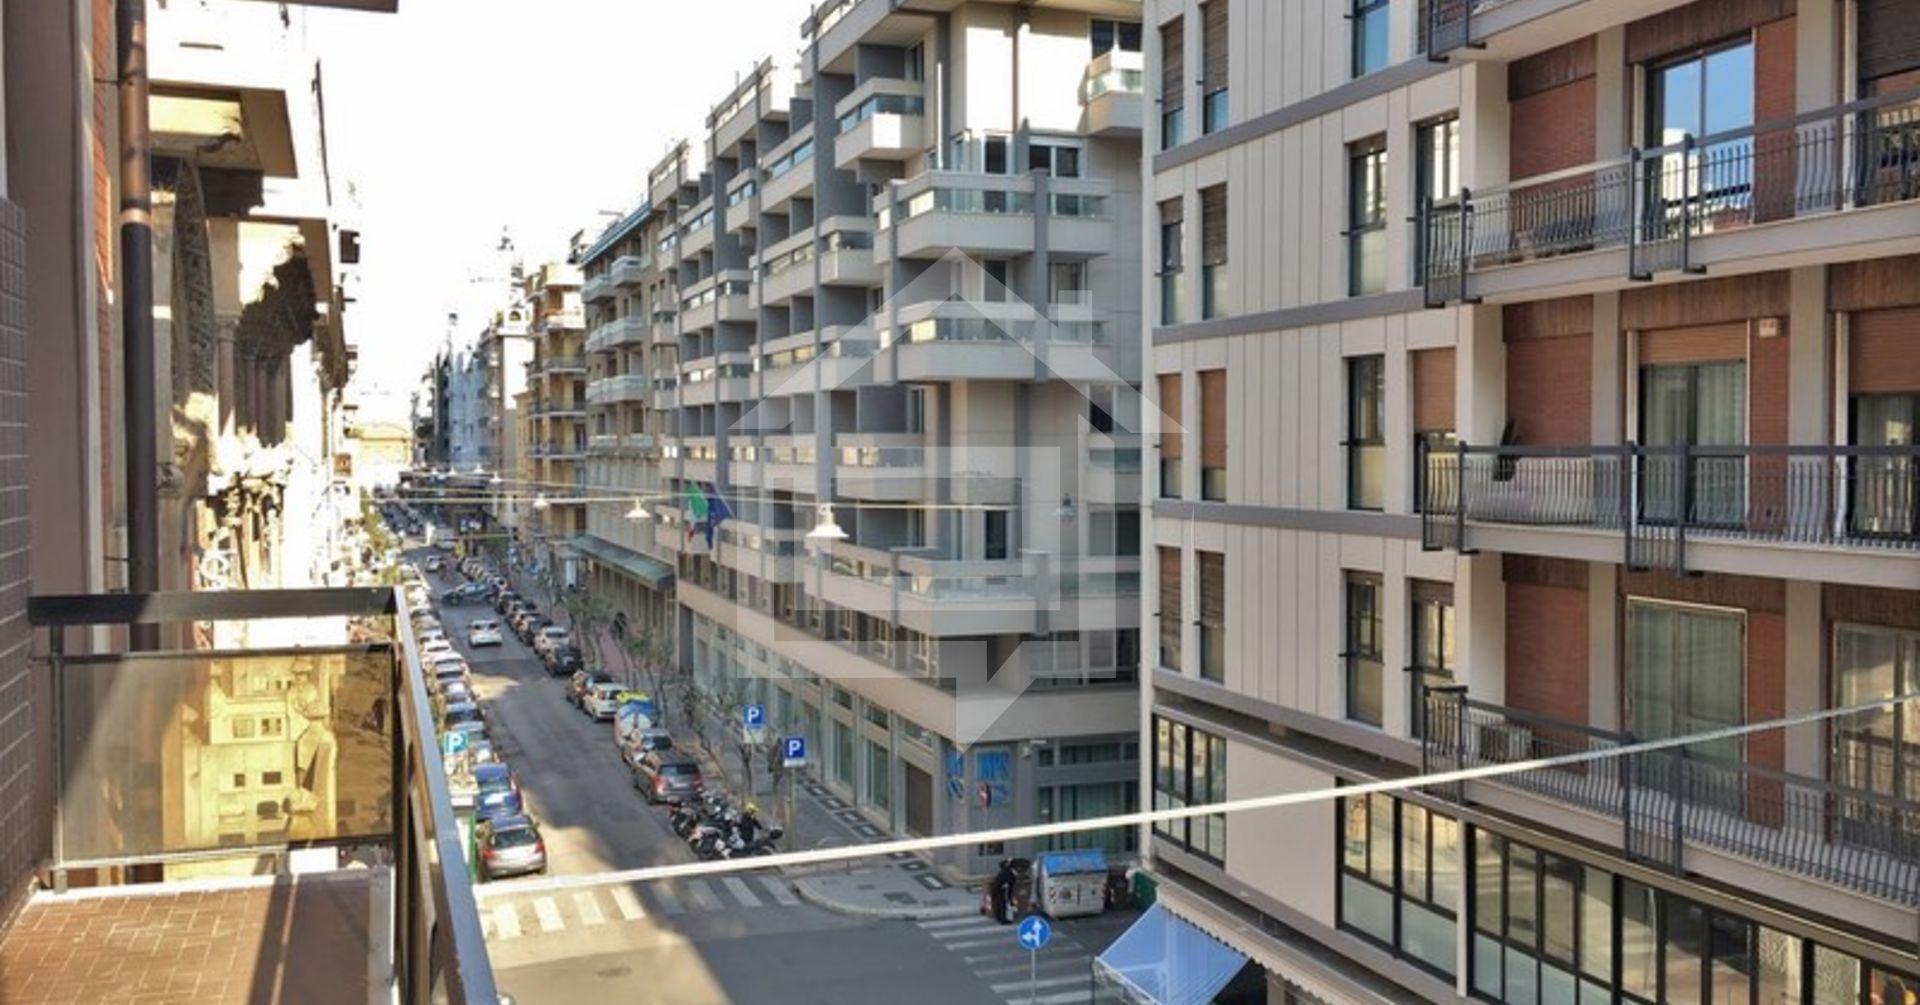 Divicasa appartamento in affitto a bari via putignani for Appartamento in affitto arredato bari